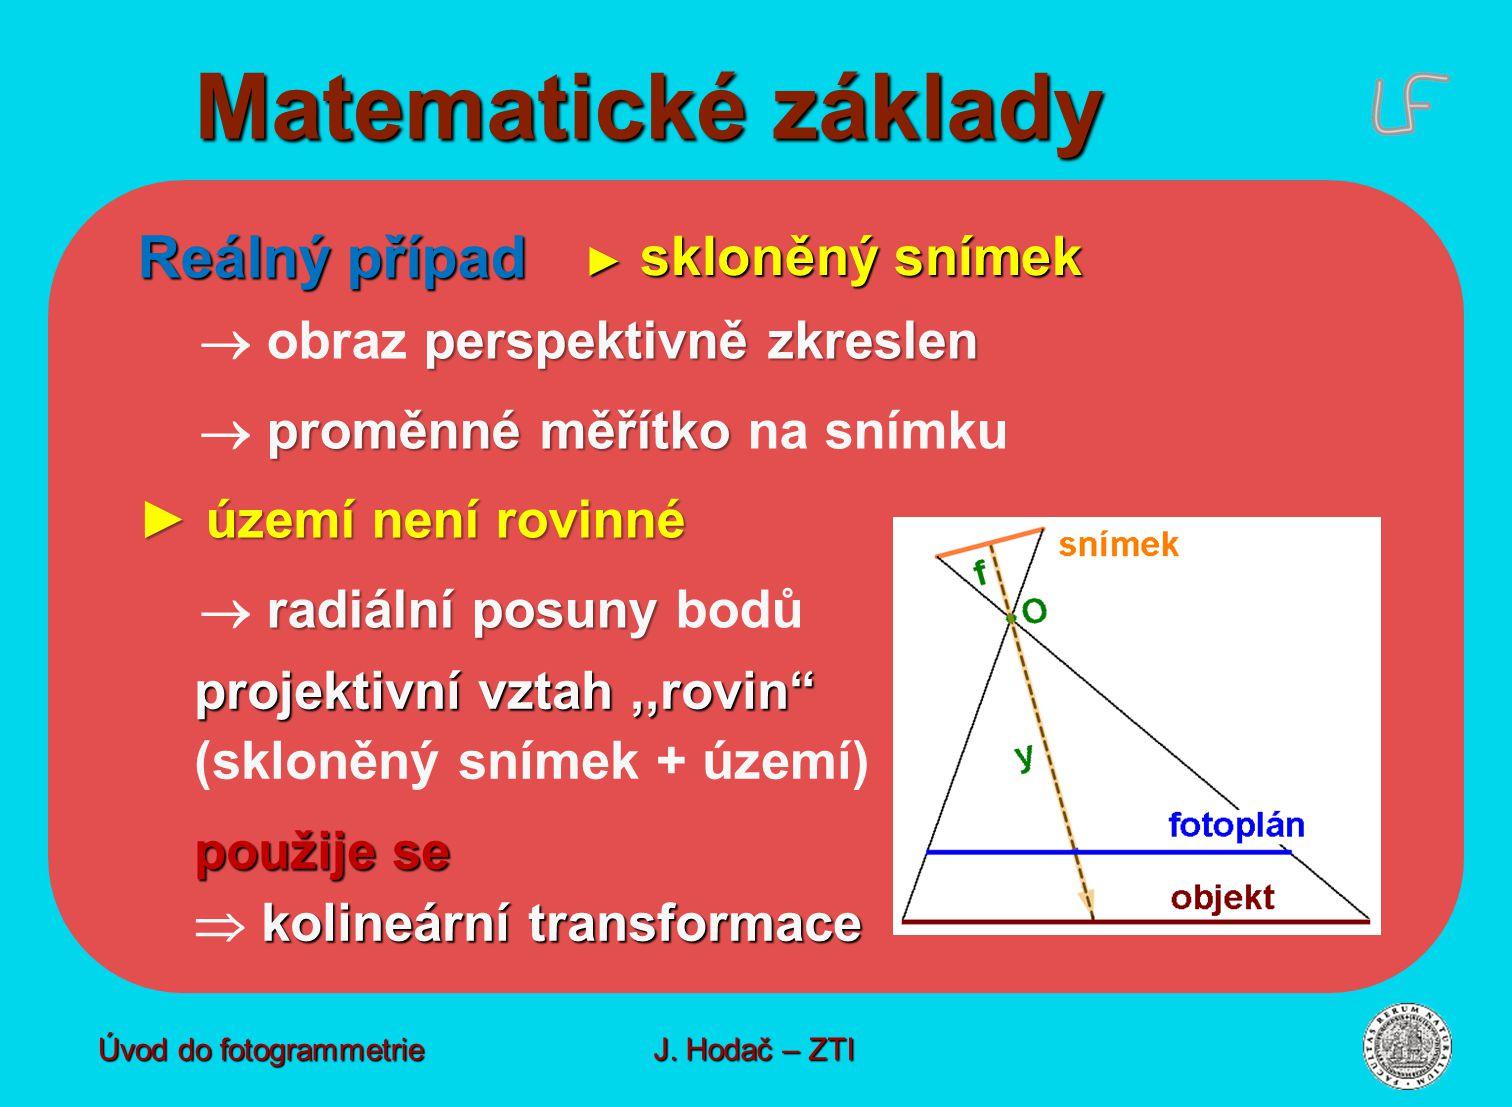 perspektivně zkreslen  obraz perspektivně zkreslen proměnné měřítko  proměnné měřítko na snímku ► území není rovinné radiální posuny  radiální posuny bodů Reálný případ ► skloněný snímek projektivní vztah,,rovin (skloněný snímek + území) použije se kolineární transformace  kolineární transformace Matematické základy Úvod do fotogrammetrie J.